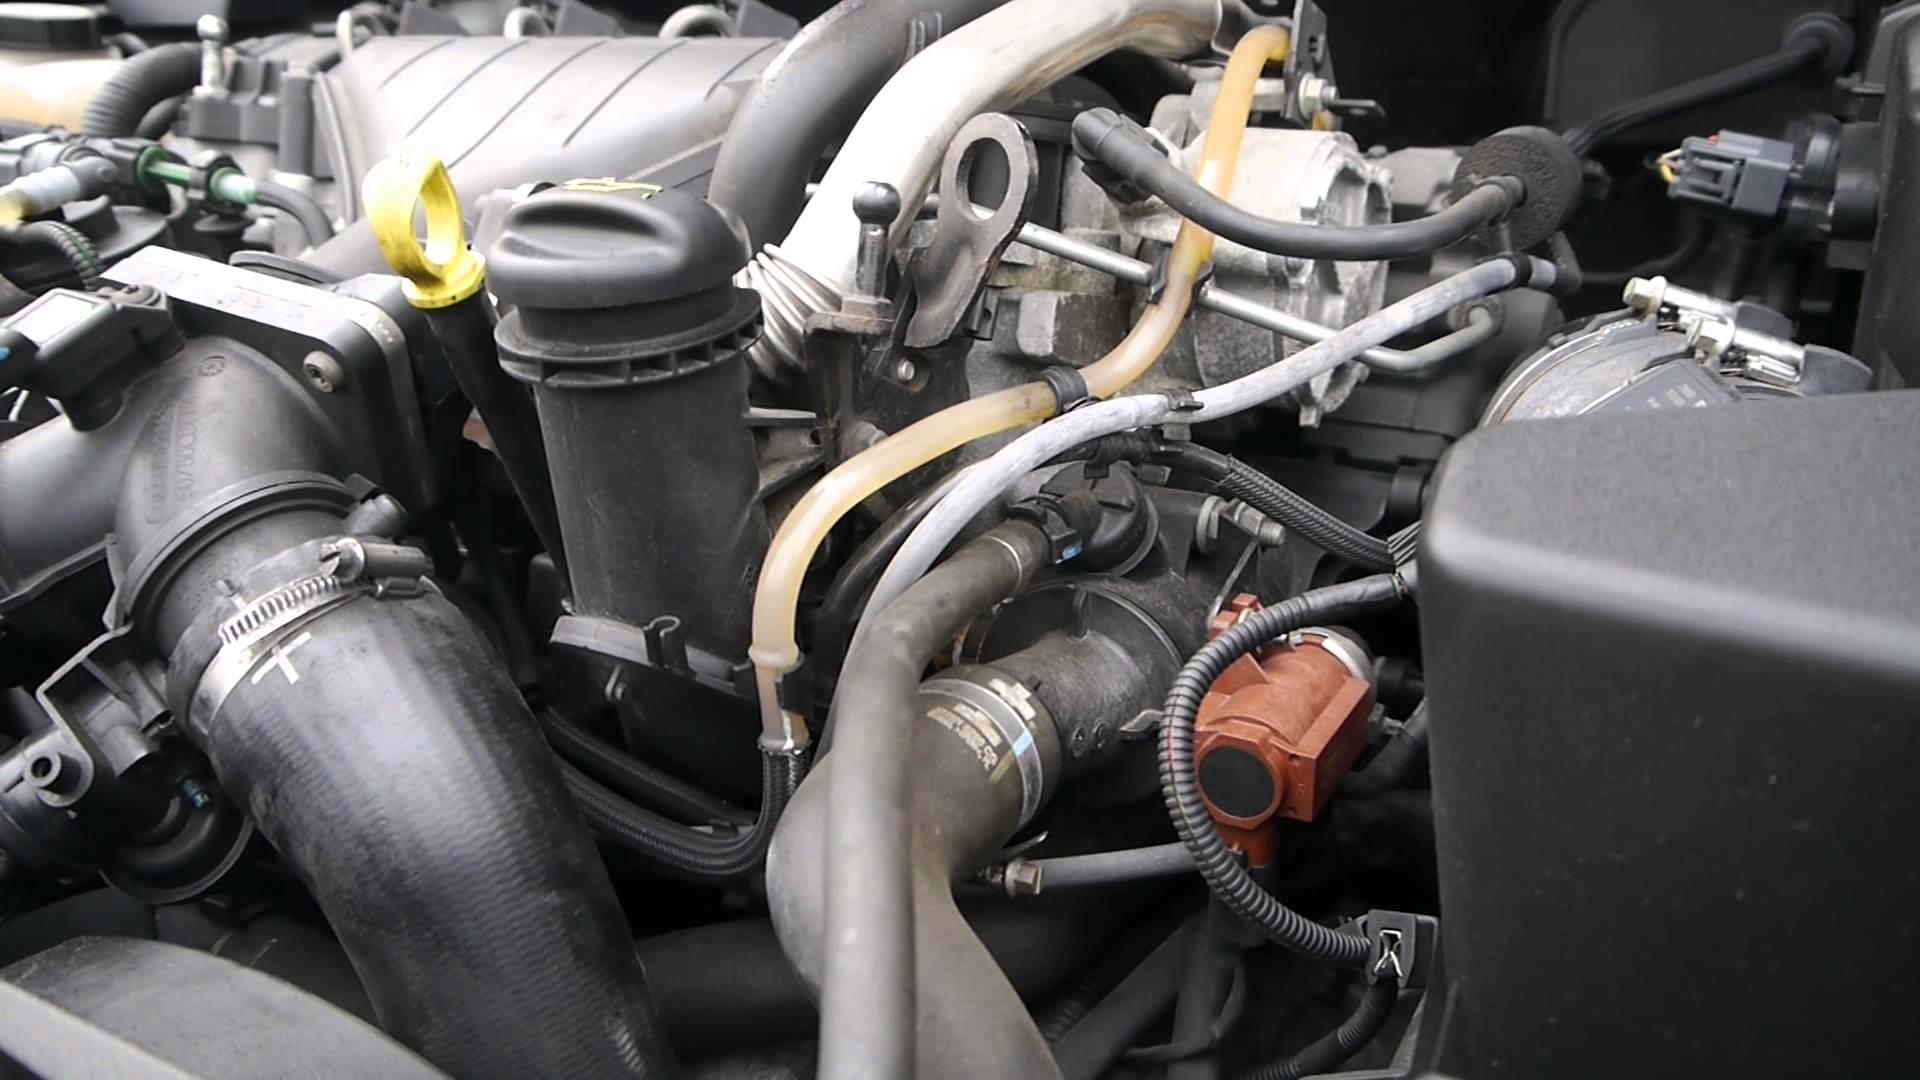 2007 Volvo S40 Fuel Filter Location · 2007 Suzuki XL7 ...